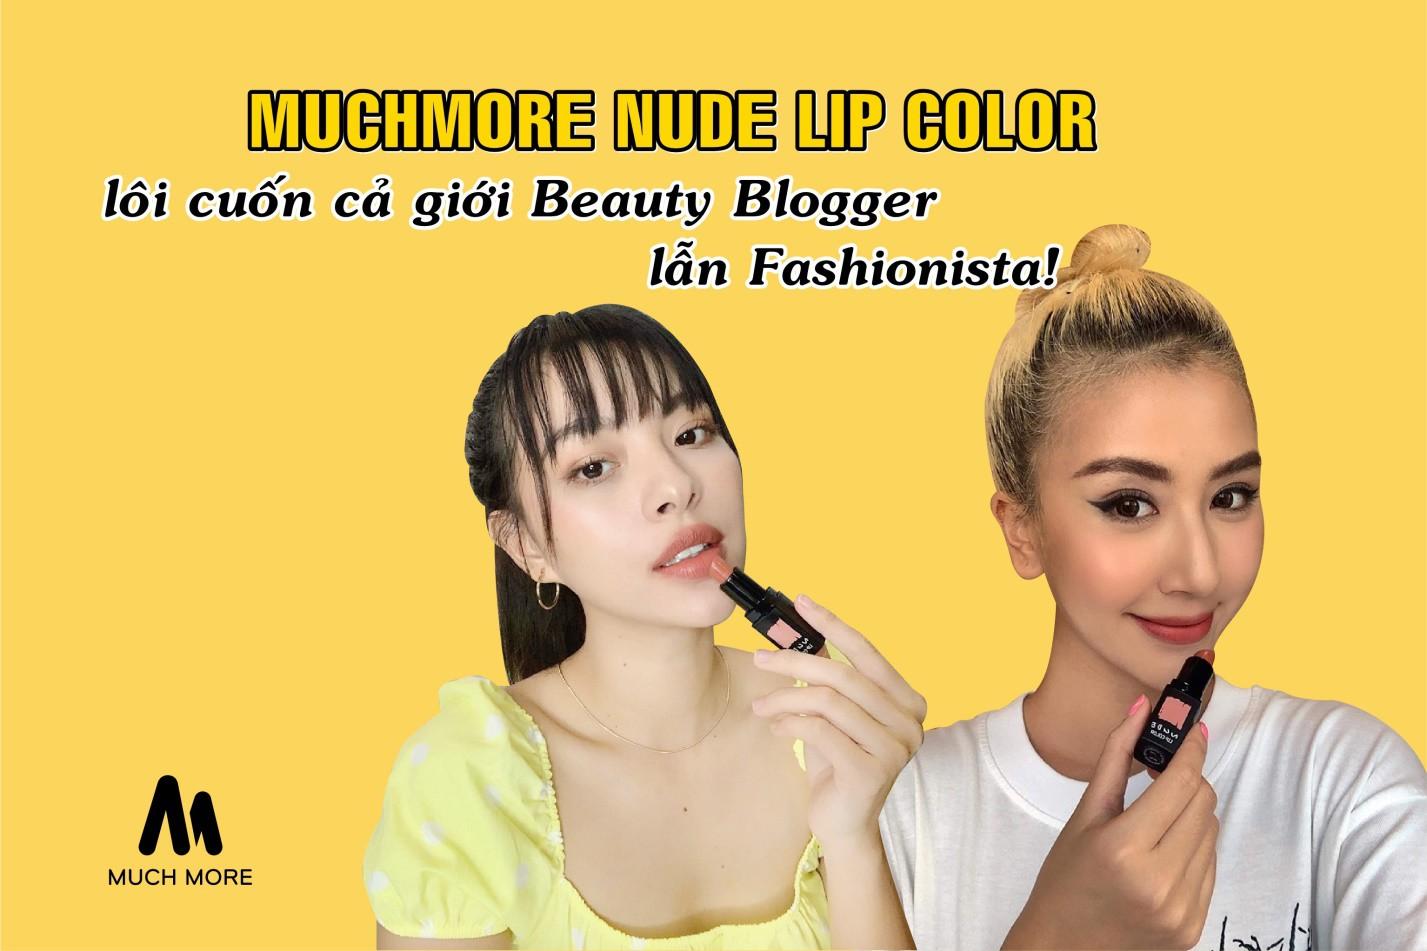 Có gì ở dòng son thỏi Muchmorekorea đang làm cả giới fashionista lẫn beauty blogger sôi sục? - Ảnh 1.